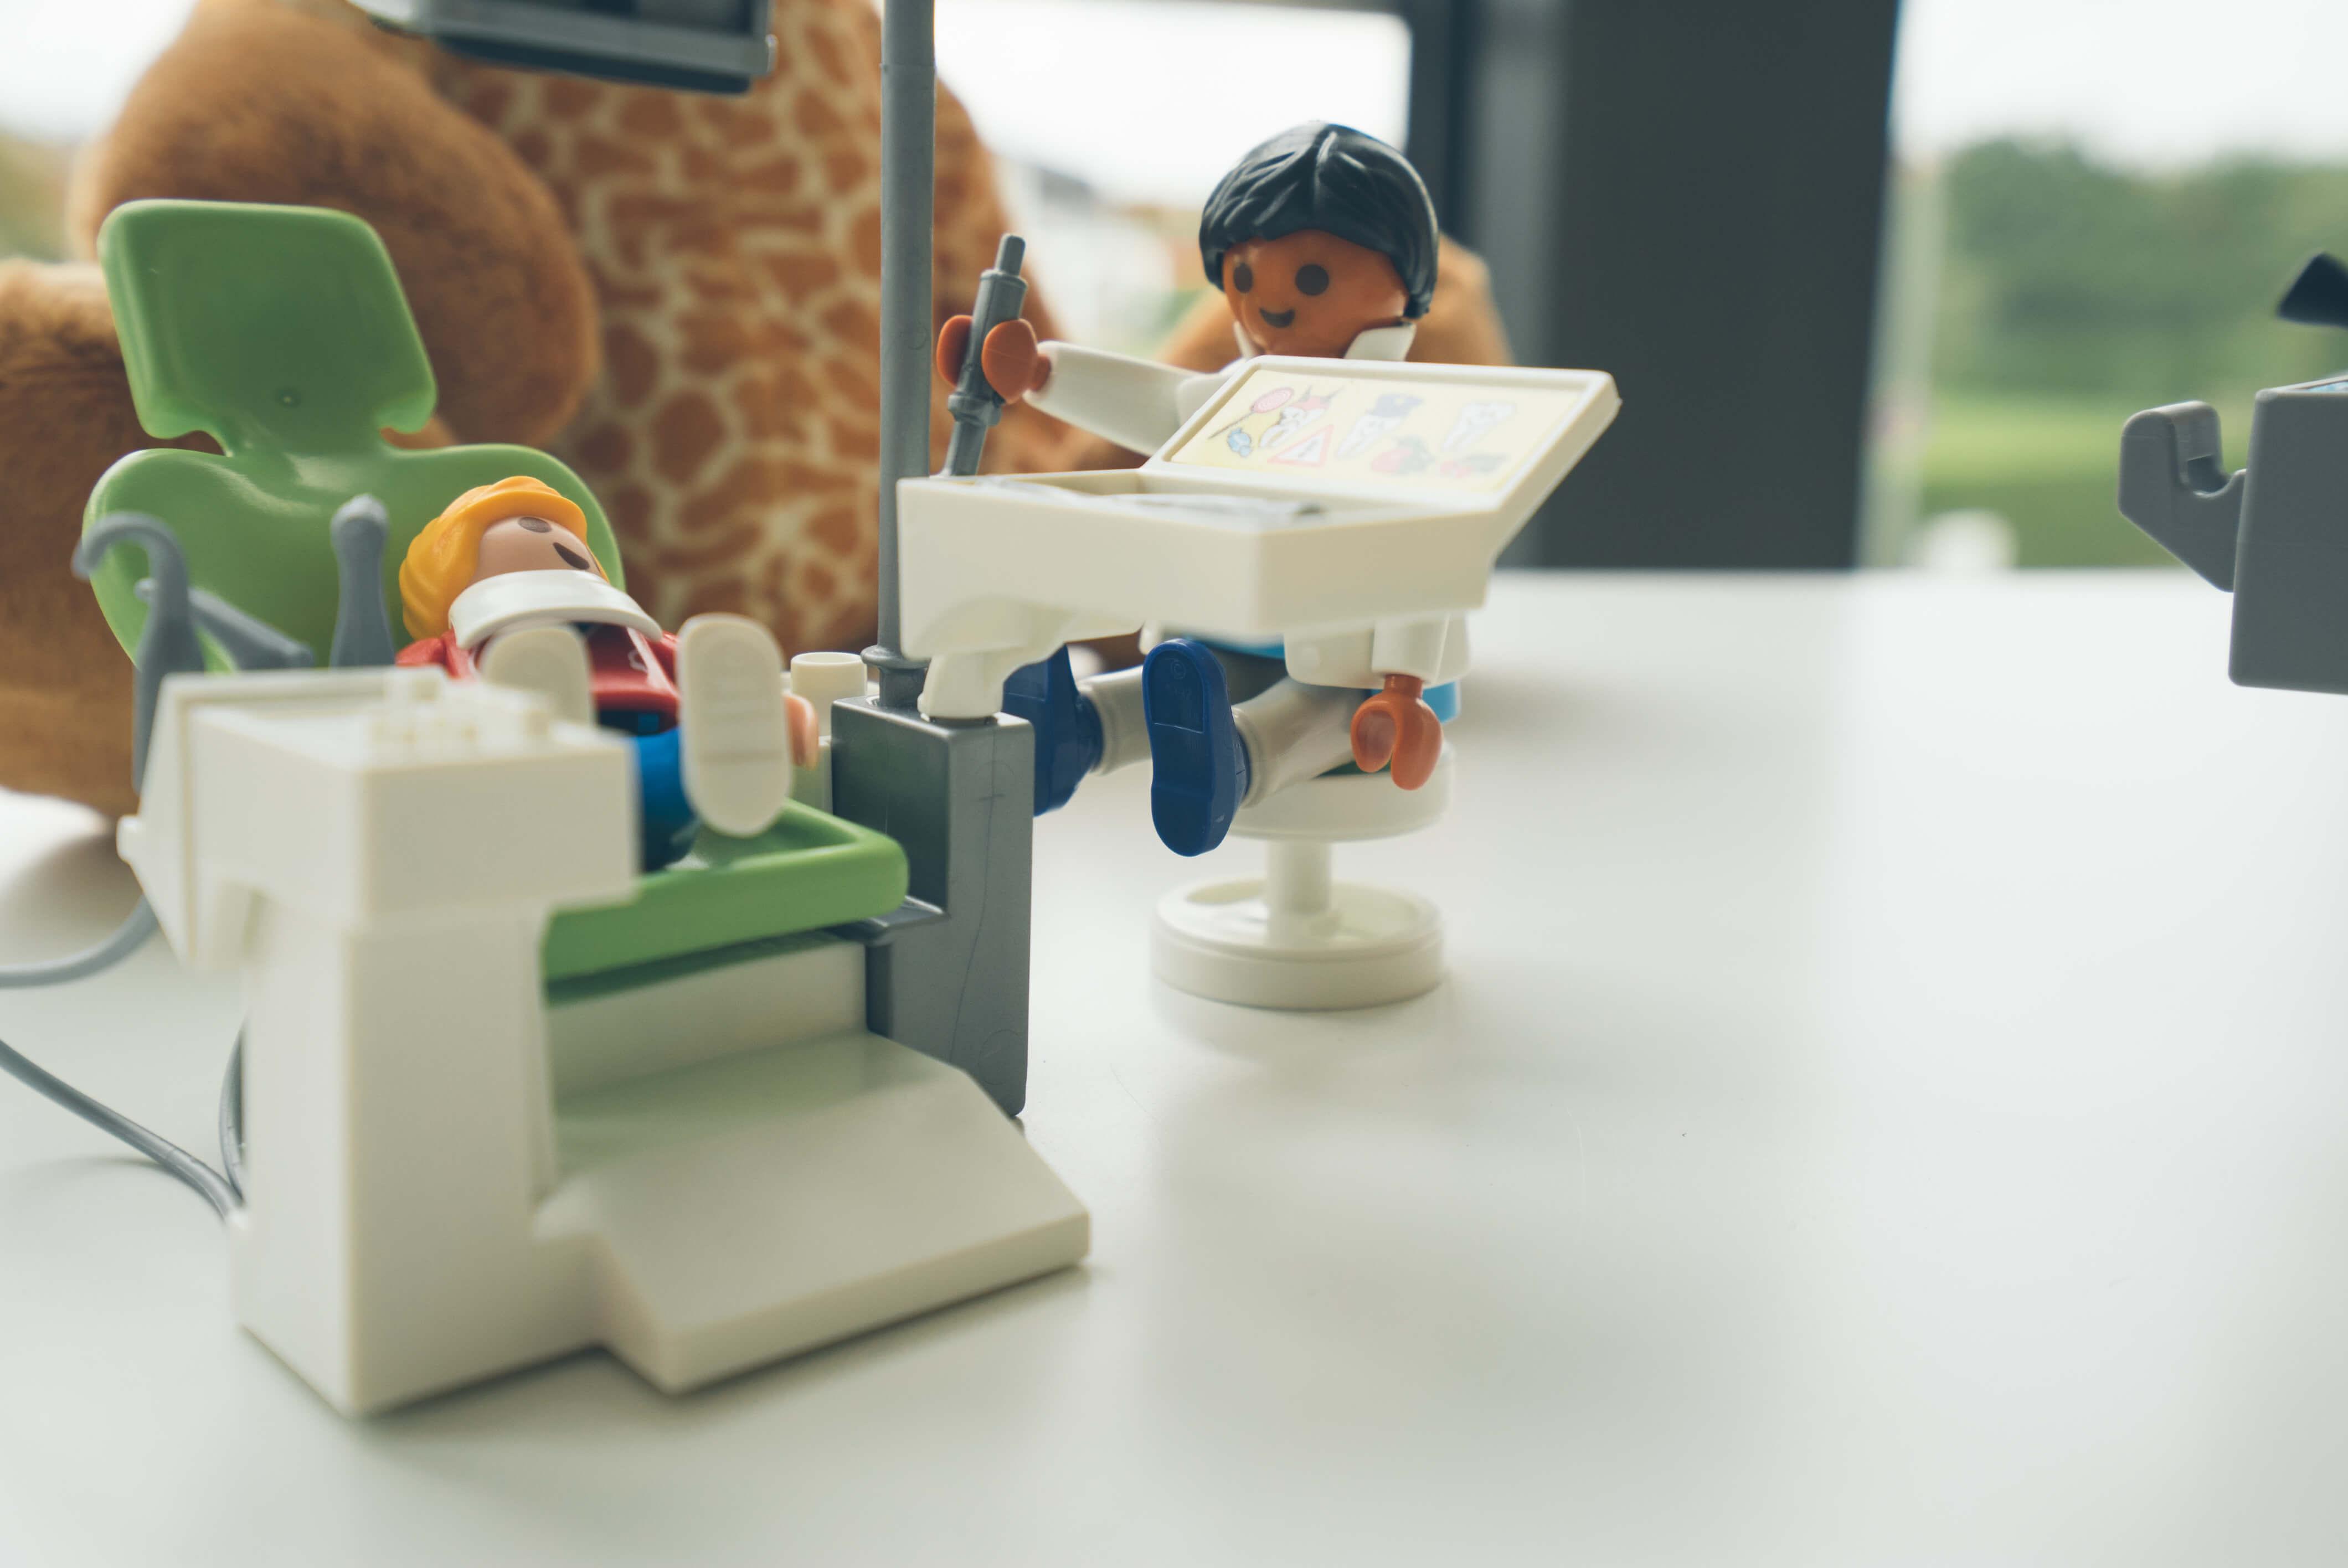 Damit den kleinen Patienten in unserem Wartezimmer nicht langweilig wird.